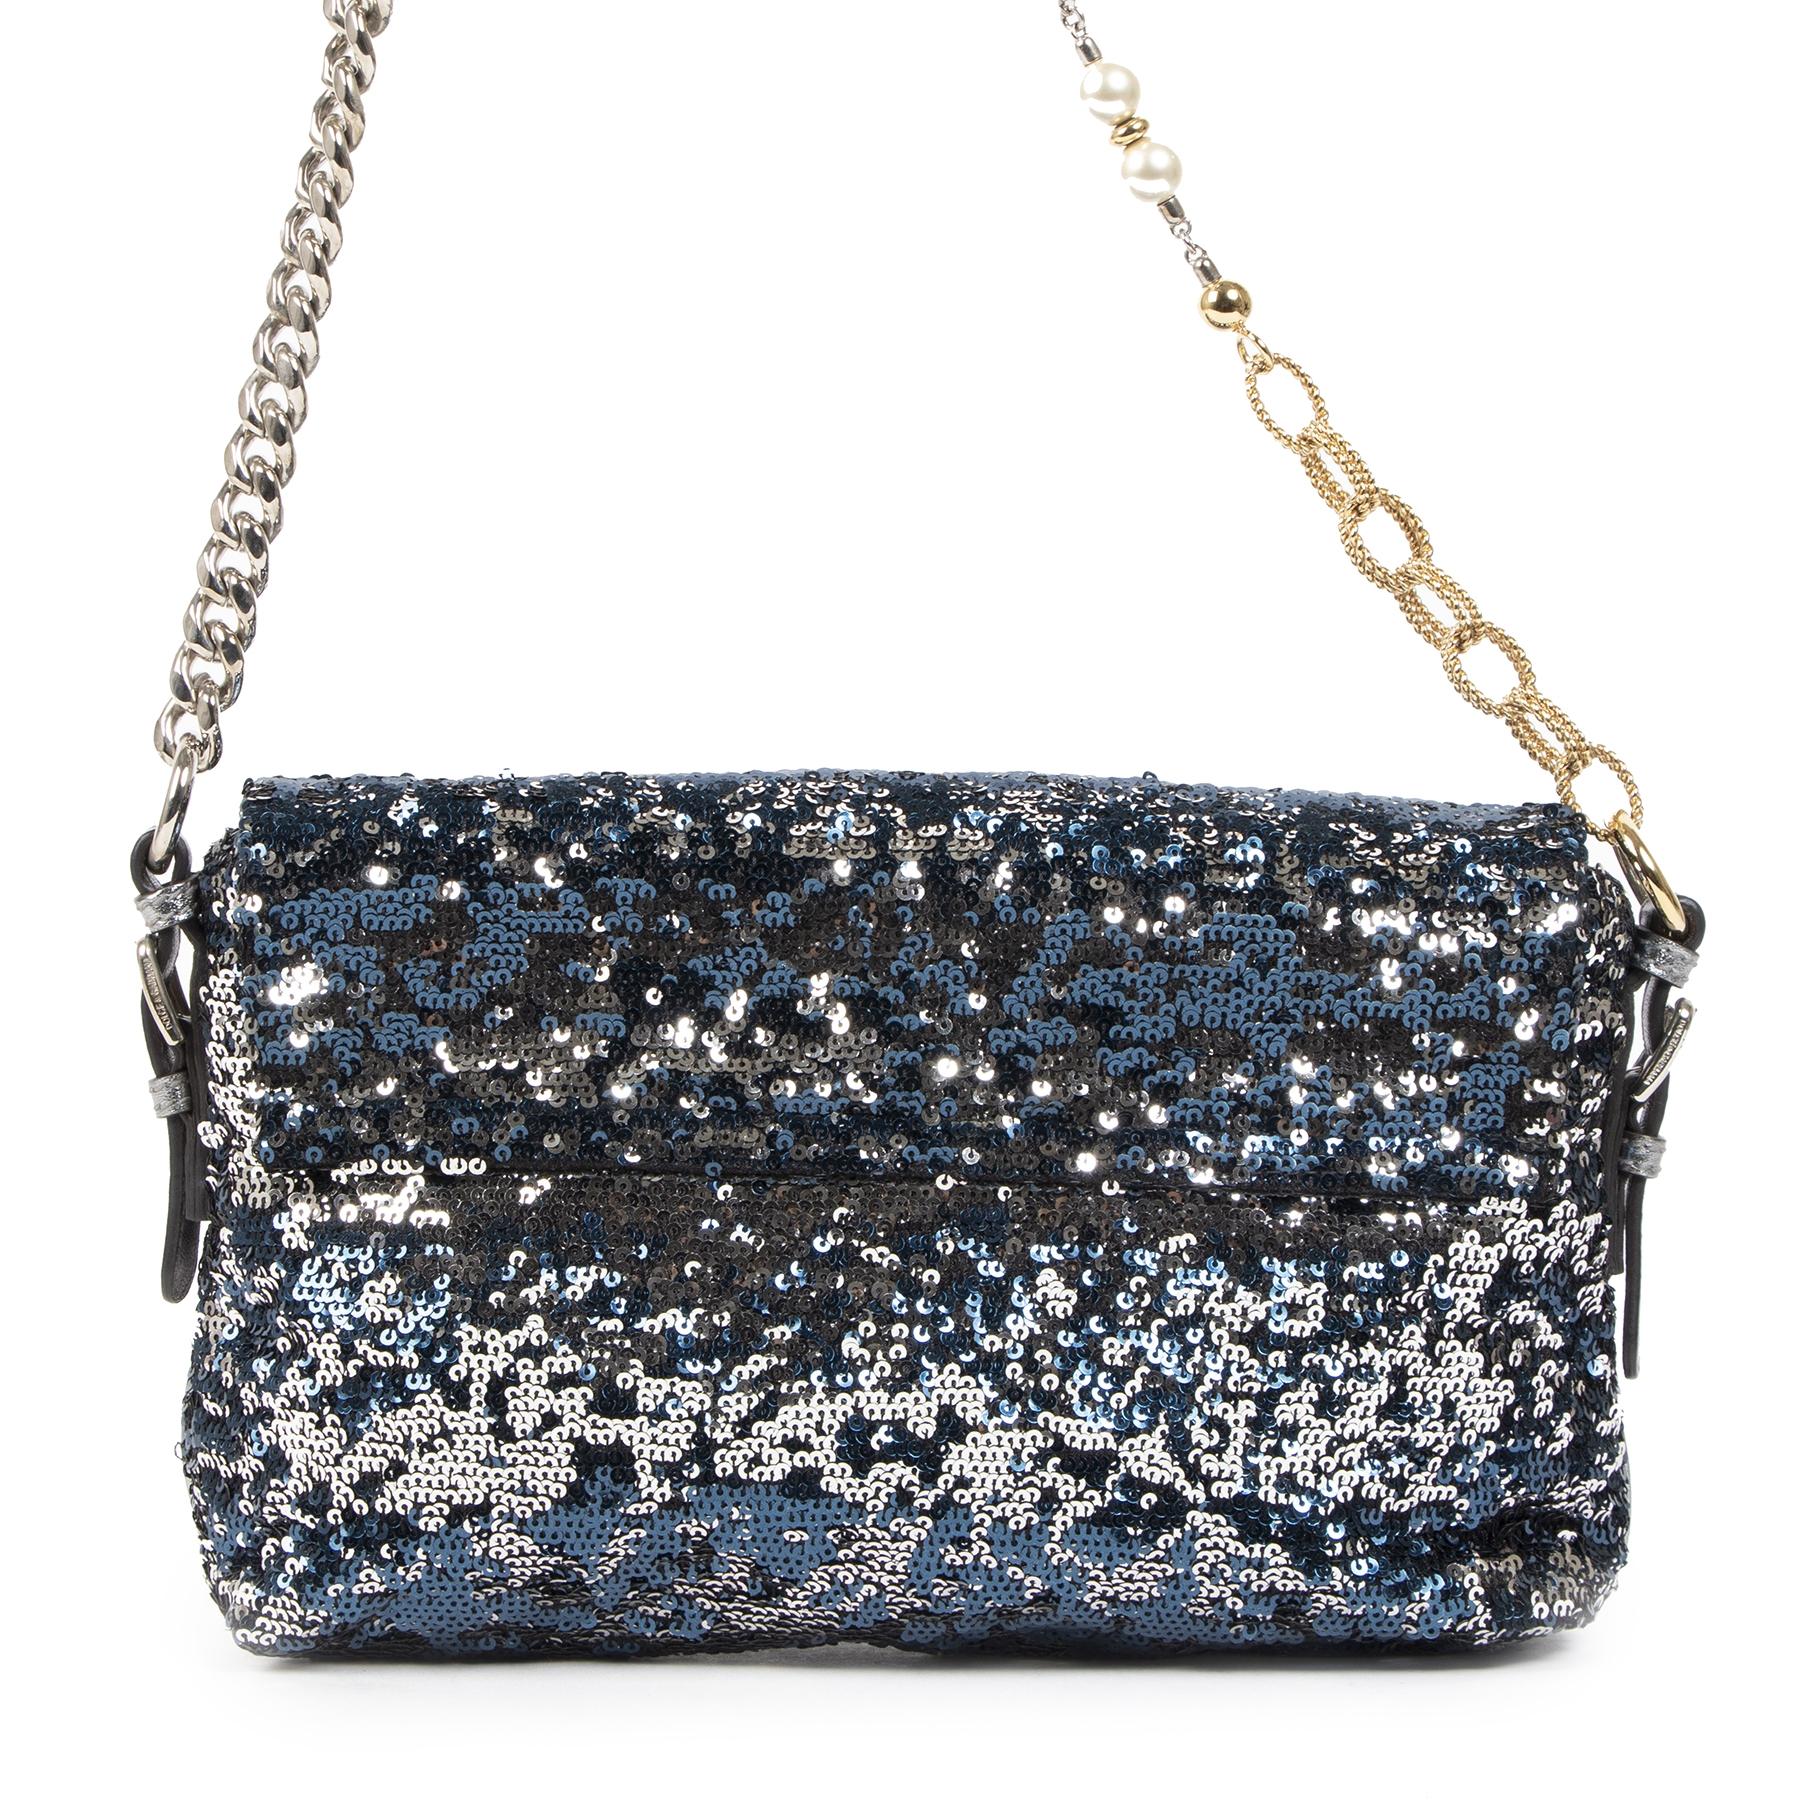 Authentieke Tweedehands Dolce & Gabbana Blue/Silver Sequin Miss Charles Shoulder Bag juiste prijs veilig online shoppen luxe merken webshop winkelen Antwerpen België mode fashion blauw zilver sequin schoudertas D&G